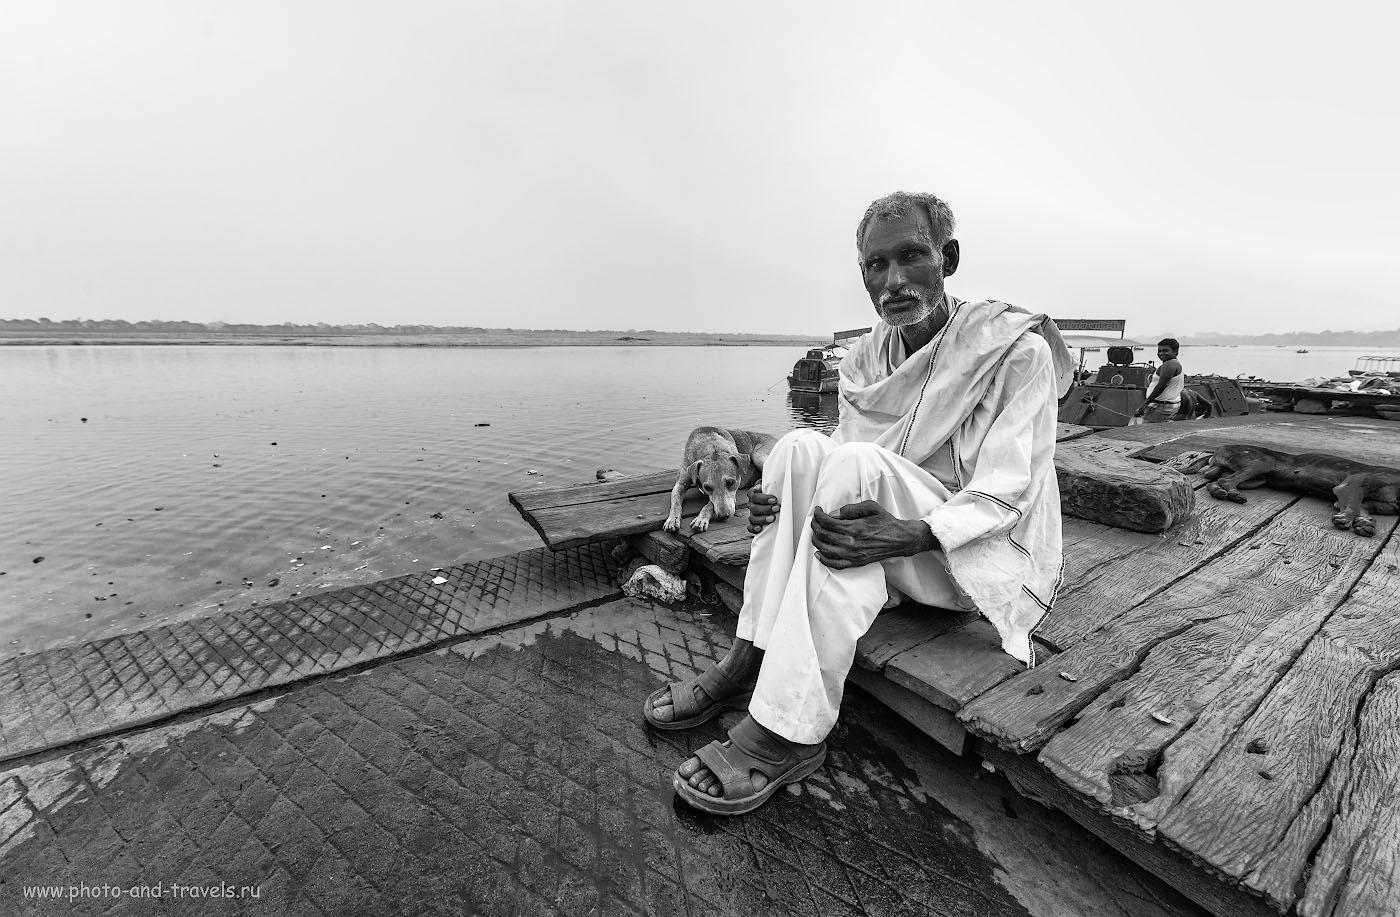 Фото 17. Пример использования широкоугольного объектива для стрит-фотографии. Старик на берегу Ганга в священном городе Варанаси. Никон Д610 + Самъянг 14мм. 1/80, +1.0, 8.0, 214.